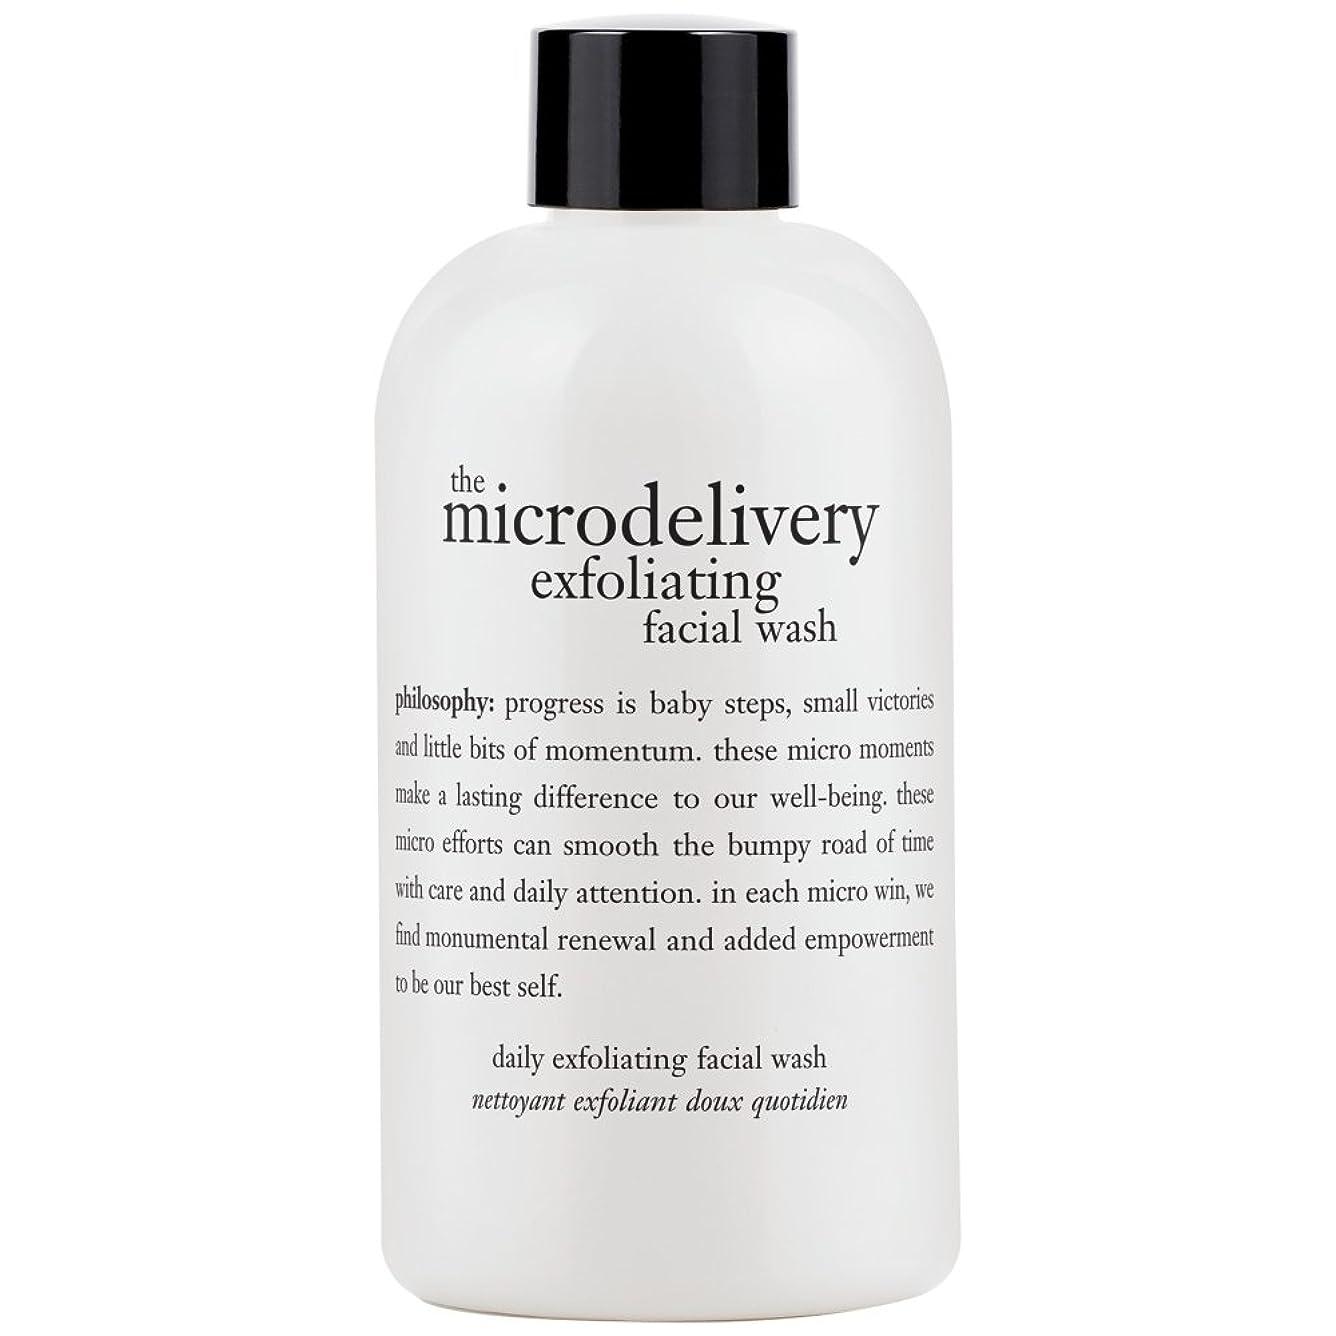 退屈ブロッサムデザイナー哲学洗浄を剥離ミクロ送達、240ミリリットル (Philosophy) - Philosophy The Microdelivery Exfoliating Wash, 240ml [並行輸入品]